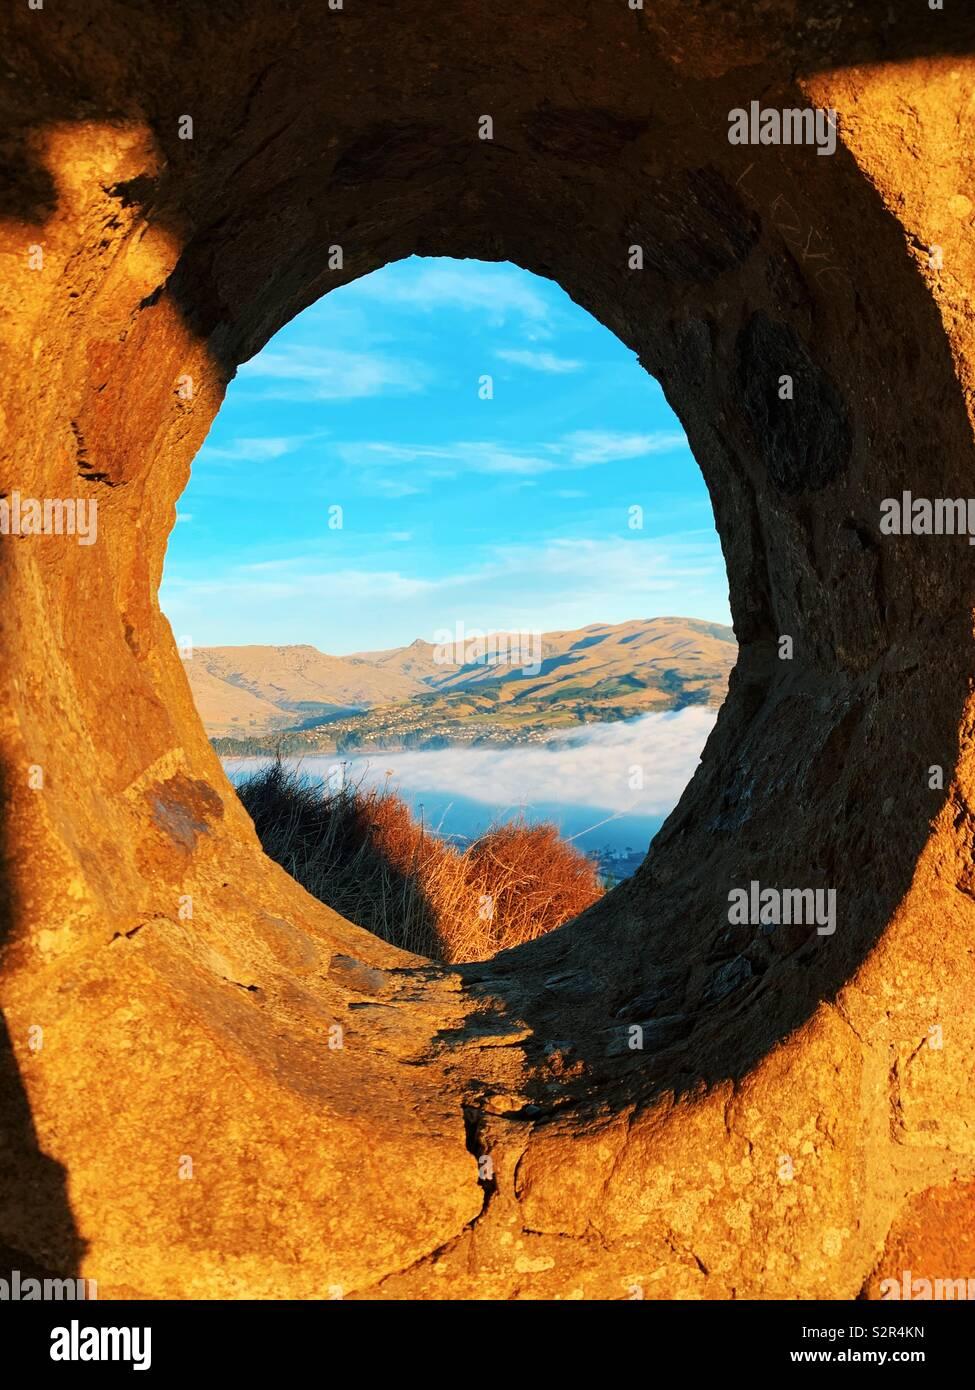 Paesaggio attraverso una prospettiva diversa. Foto Stock